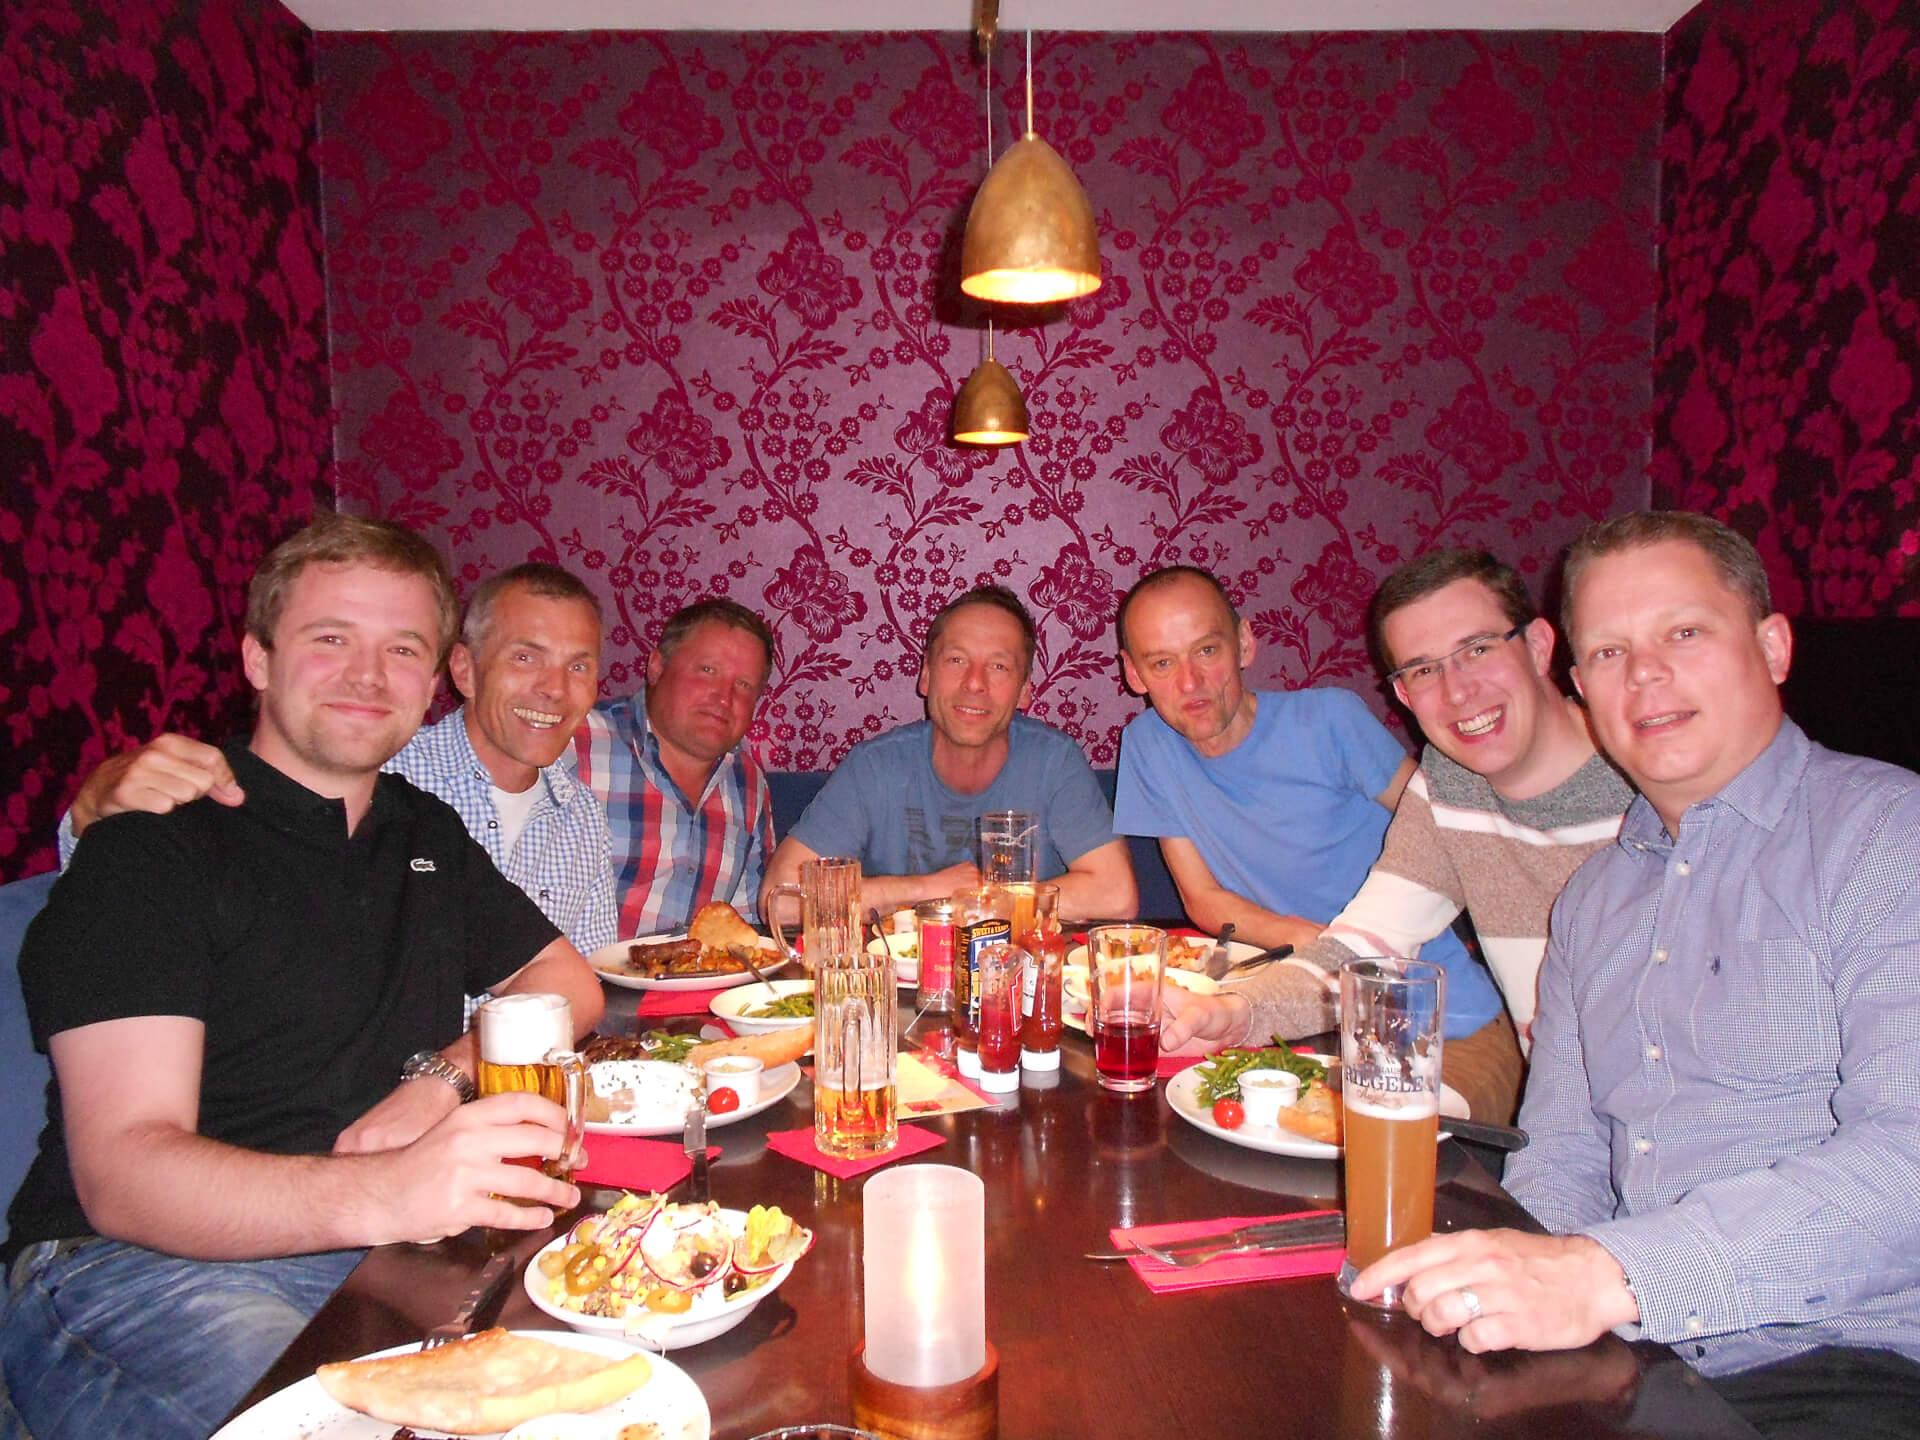 Steffen Arnecke, Rainer Ruff, Josef Kerler, Günter Mayr, Gerhard Vachlahovsky, Tobias Wille, Ulf Kiesewetter